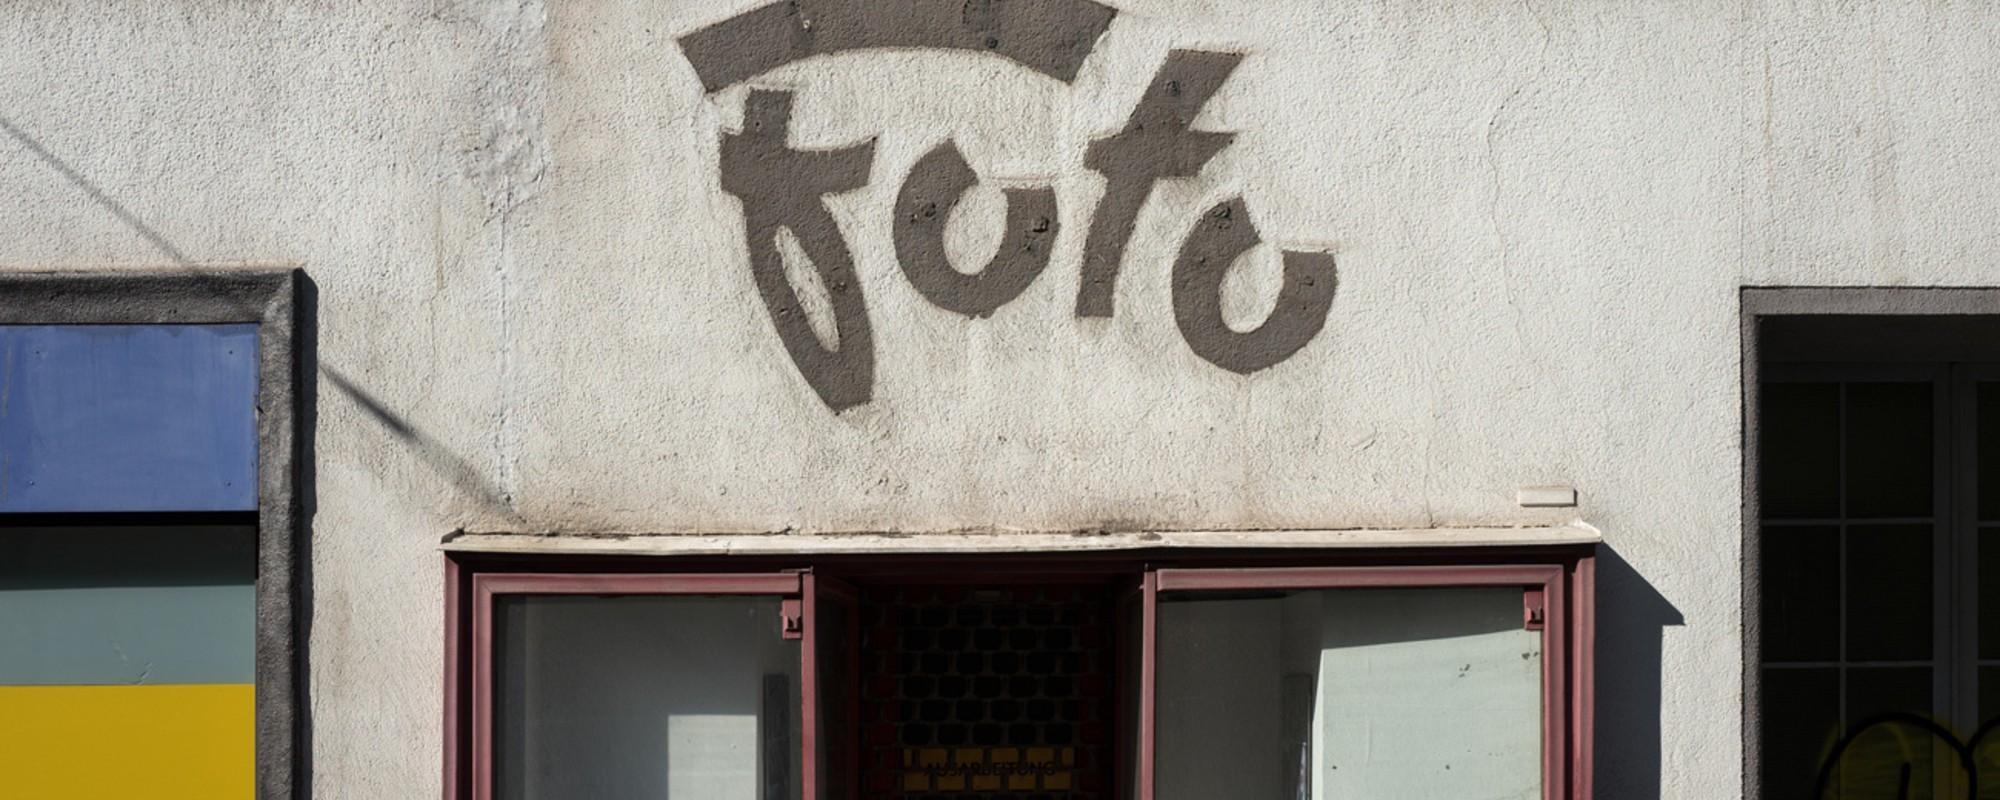 Diese Wiener sammeln Fotos von den Abdrücken abmontierter Schilder